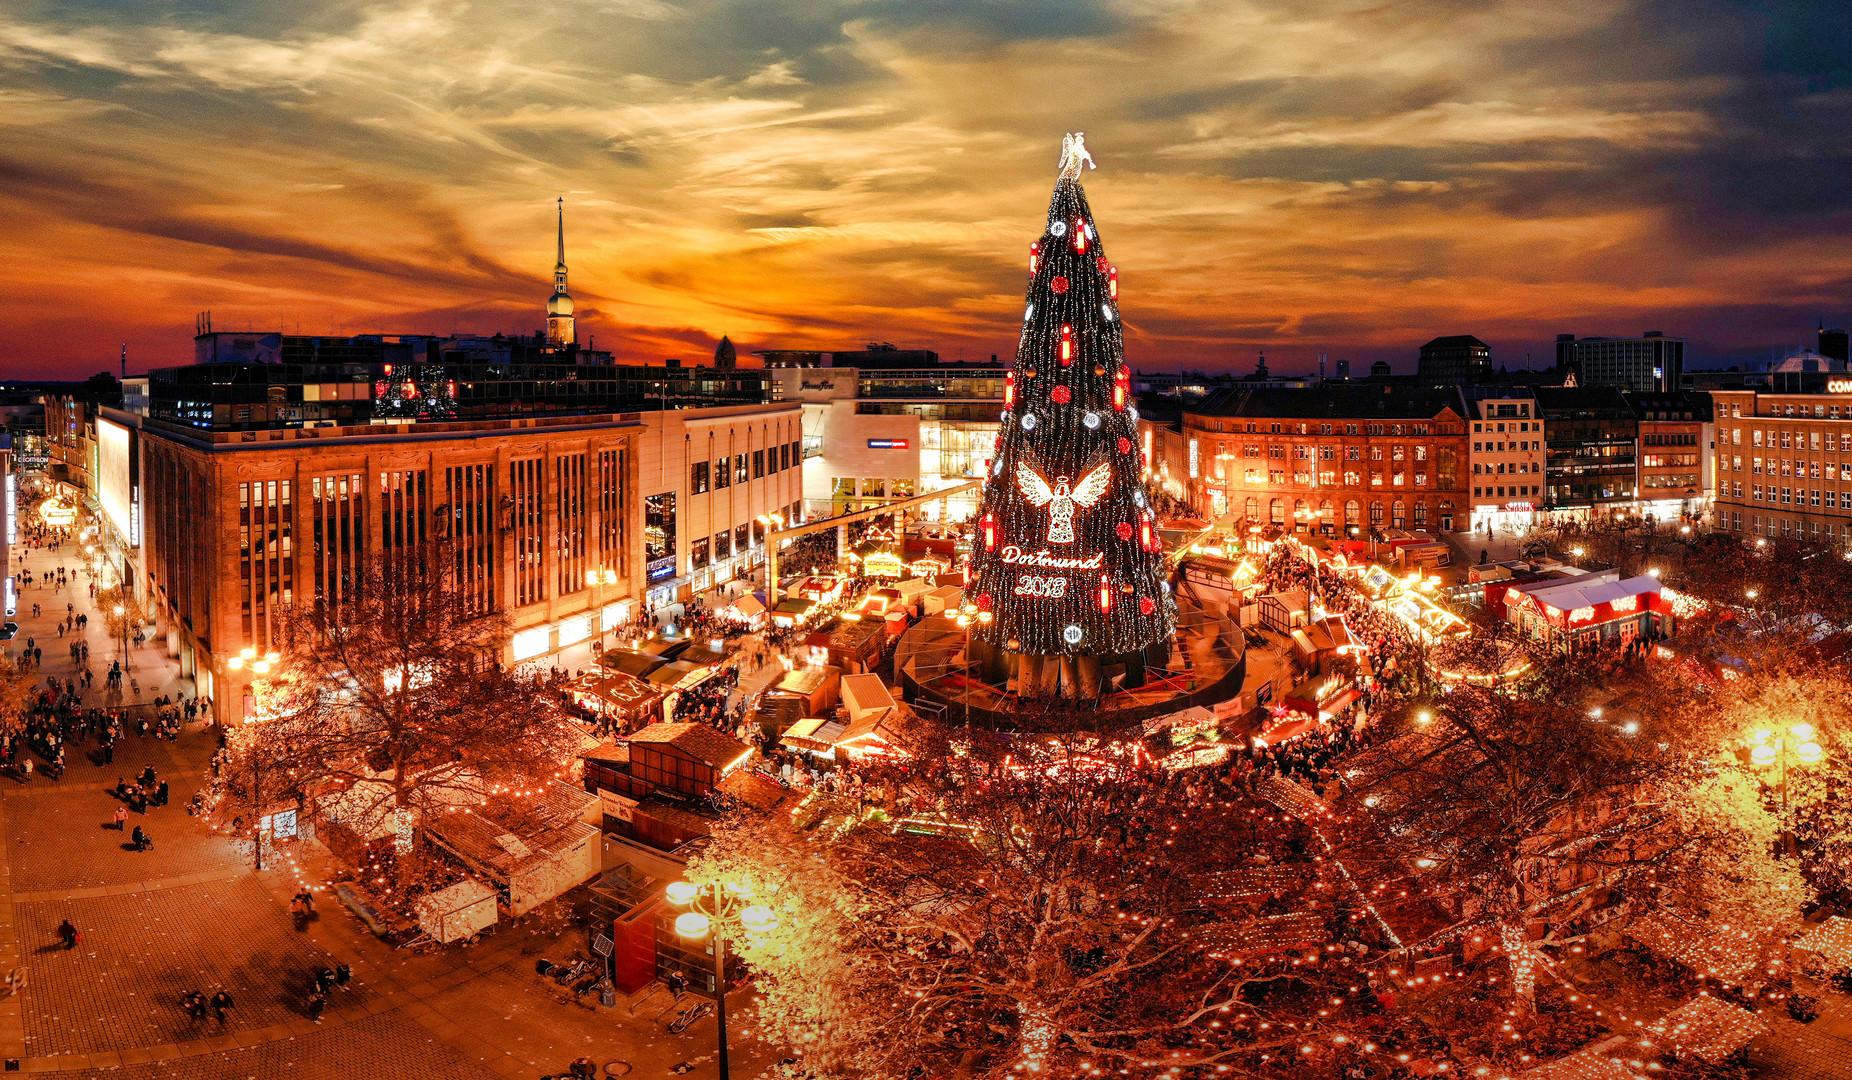 Dortmund Weihnachtsmarkt.Dortmund Weihnachtsmarkt 2018 45x30 Foto Bild